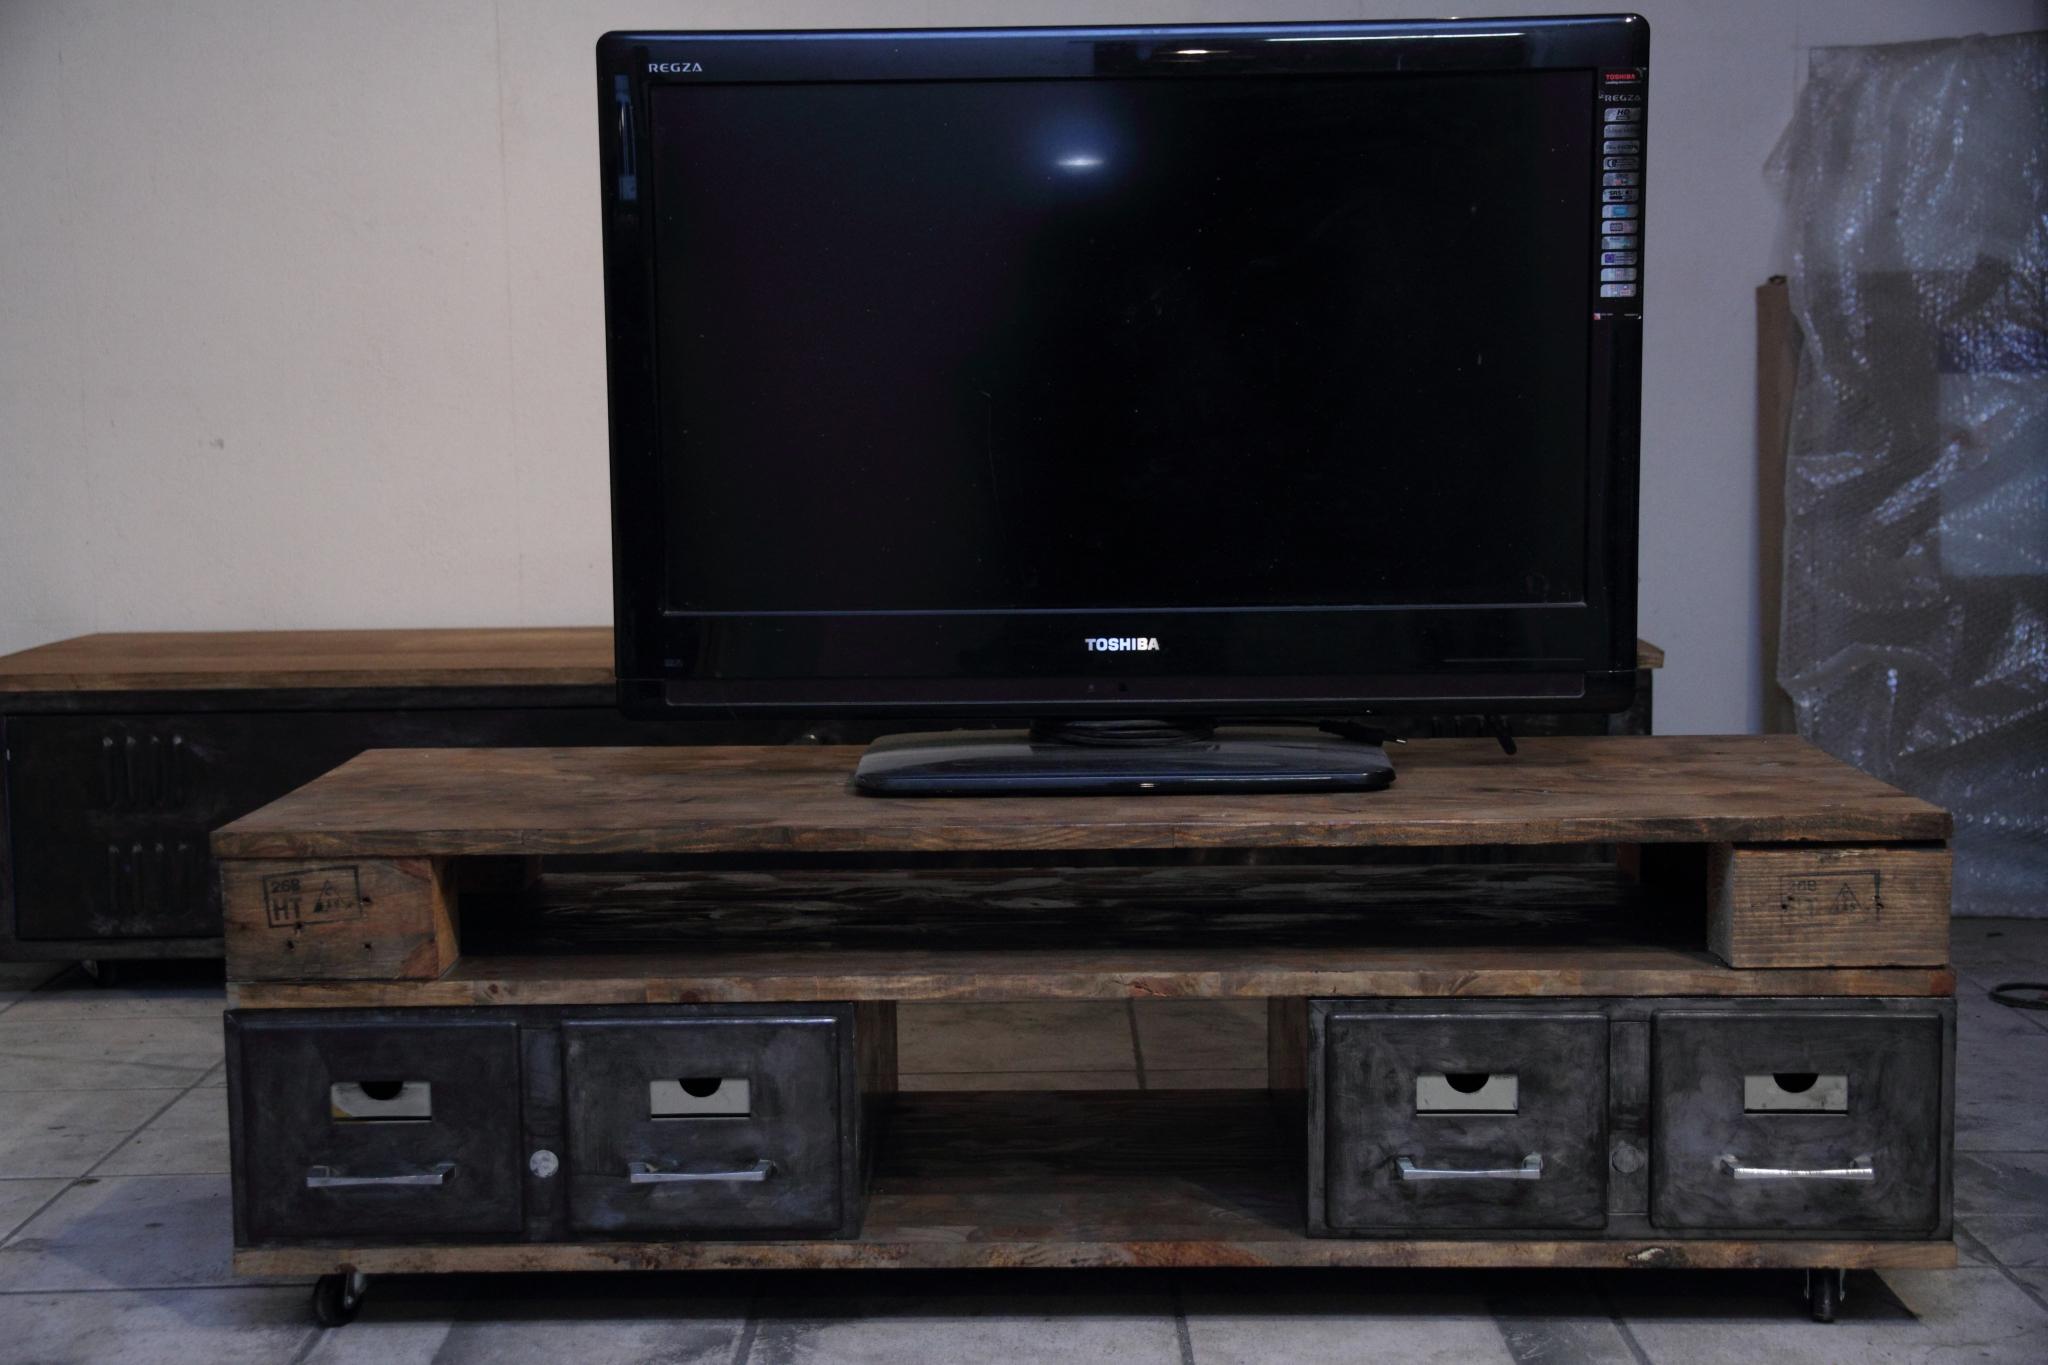 Meuble De Tv A Vendre - Meuble Tv A Vendre Maison Et Mobilier D Int Rieur[mjhdah]http://doperdoll.com/wp-content/uploads/2018/01/Beau-Vendre-Des-Meubles-Avec-Meuble-Tv-Vintage-Vendre-Collection-Des-Photos.jpg